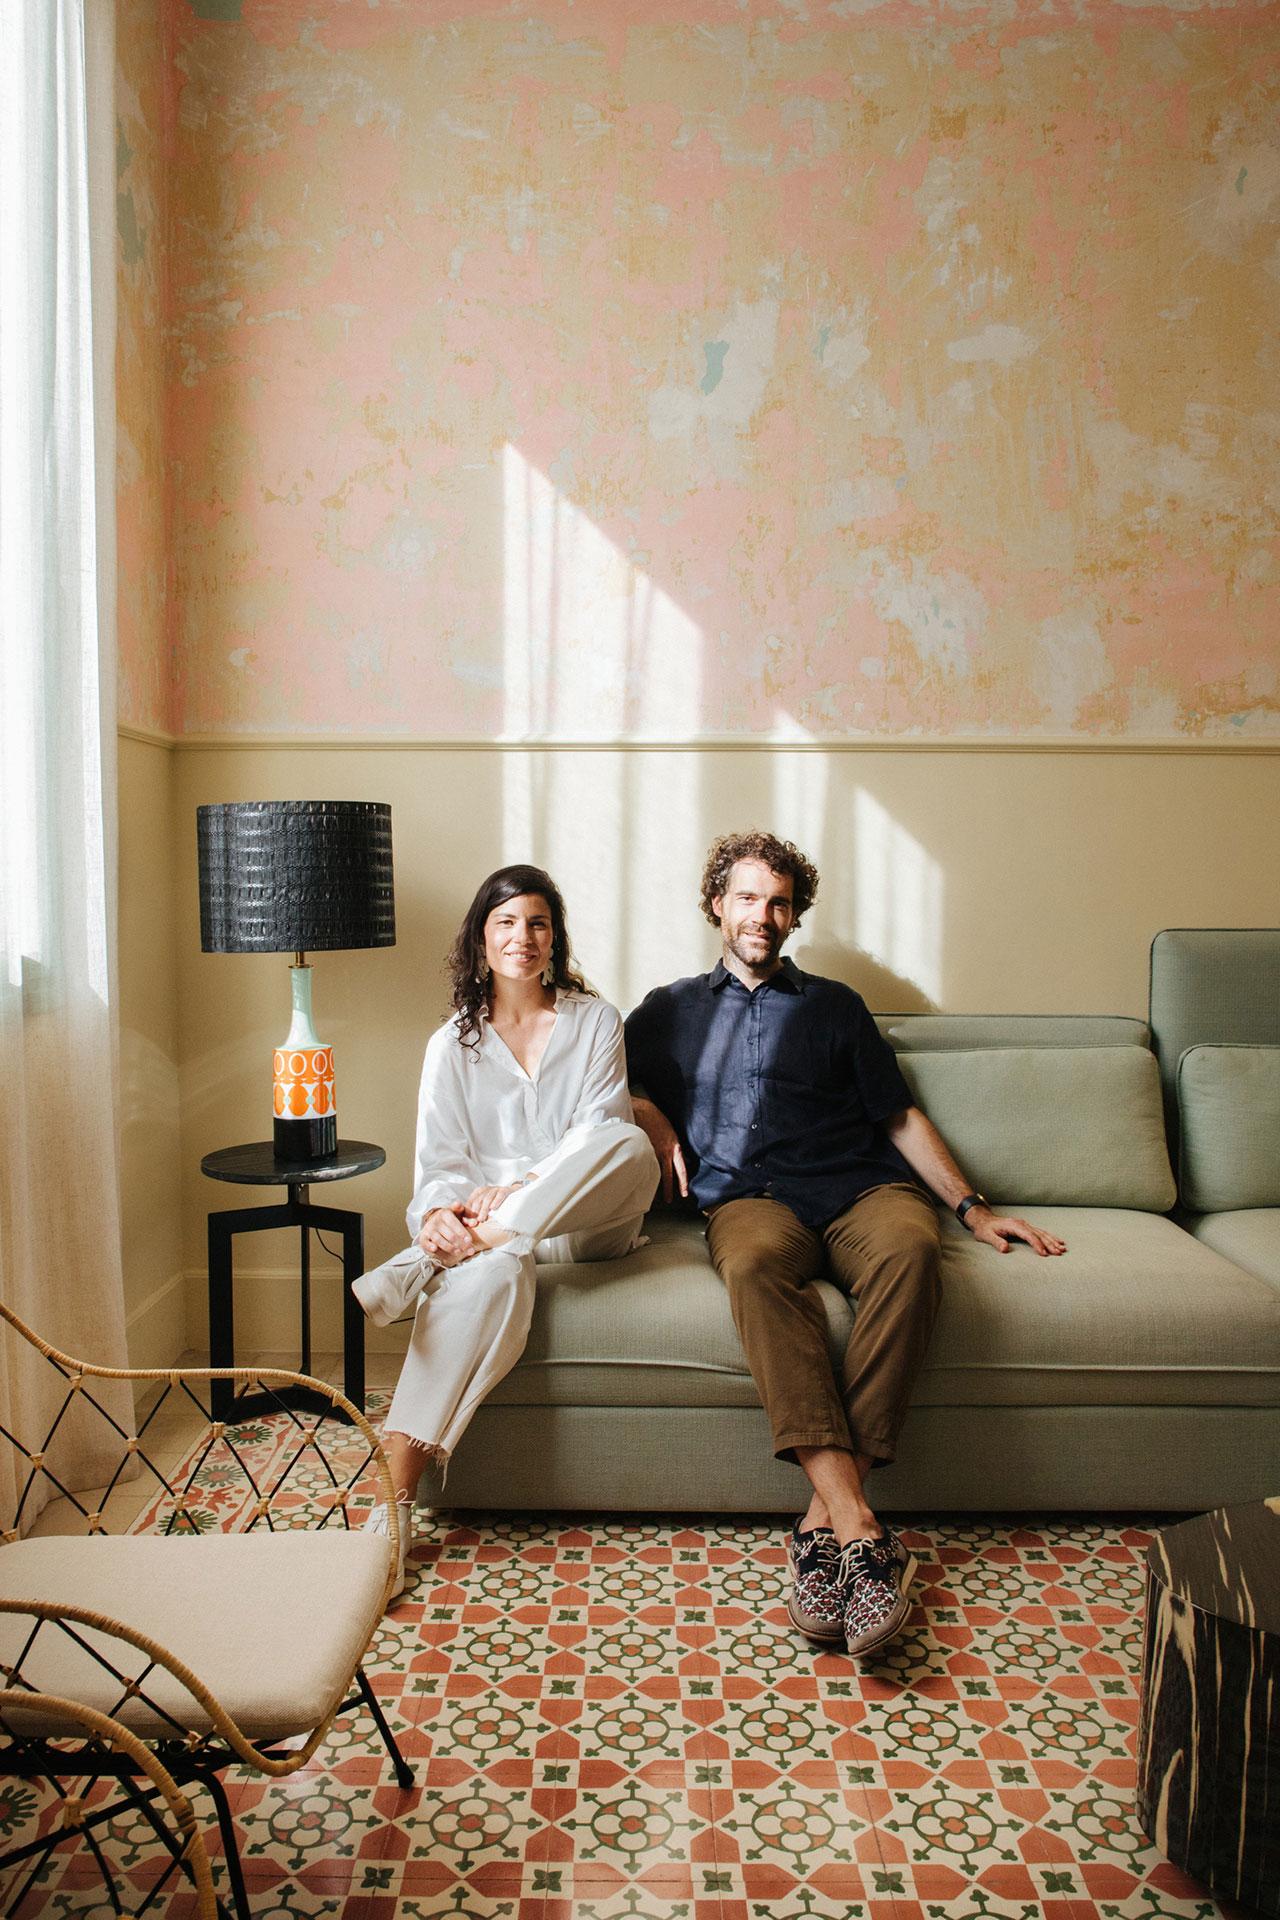 María León Ferreiro and Eduardo López Solórzano. Photography by Silvia Gil-Roldán.